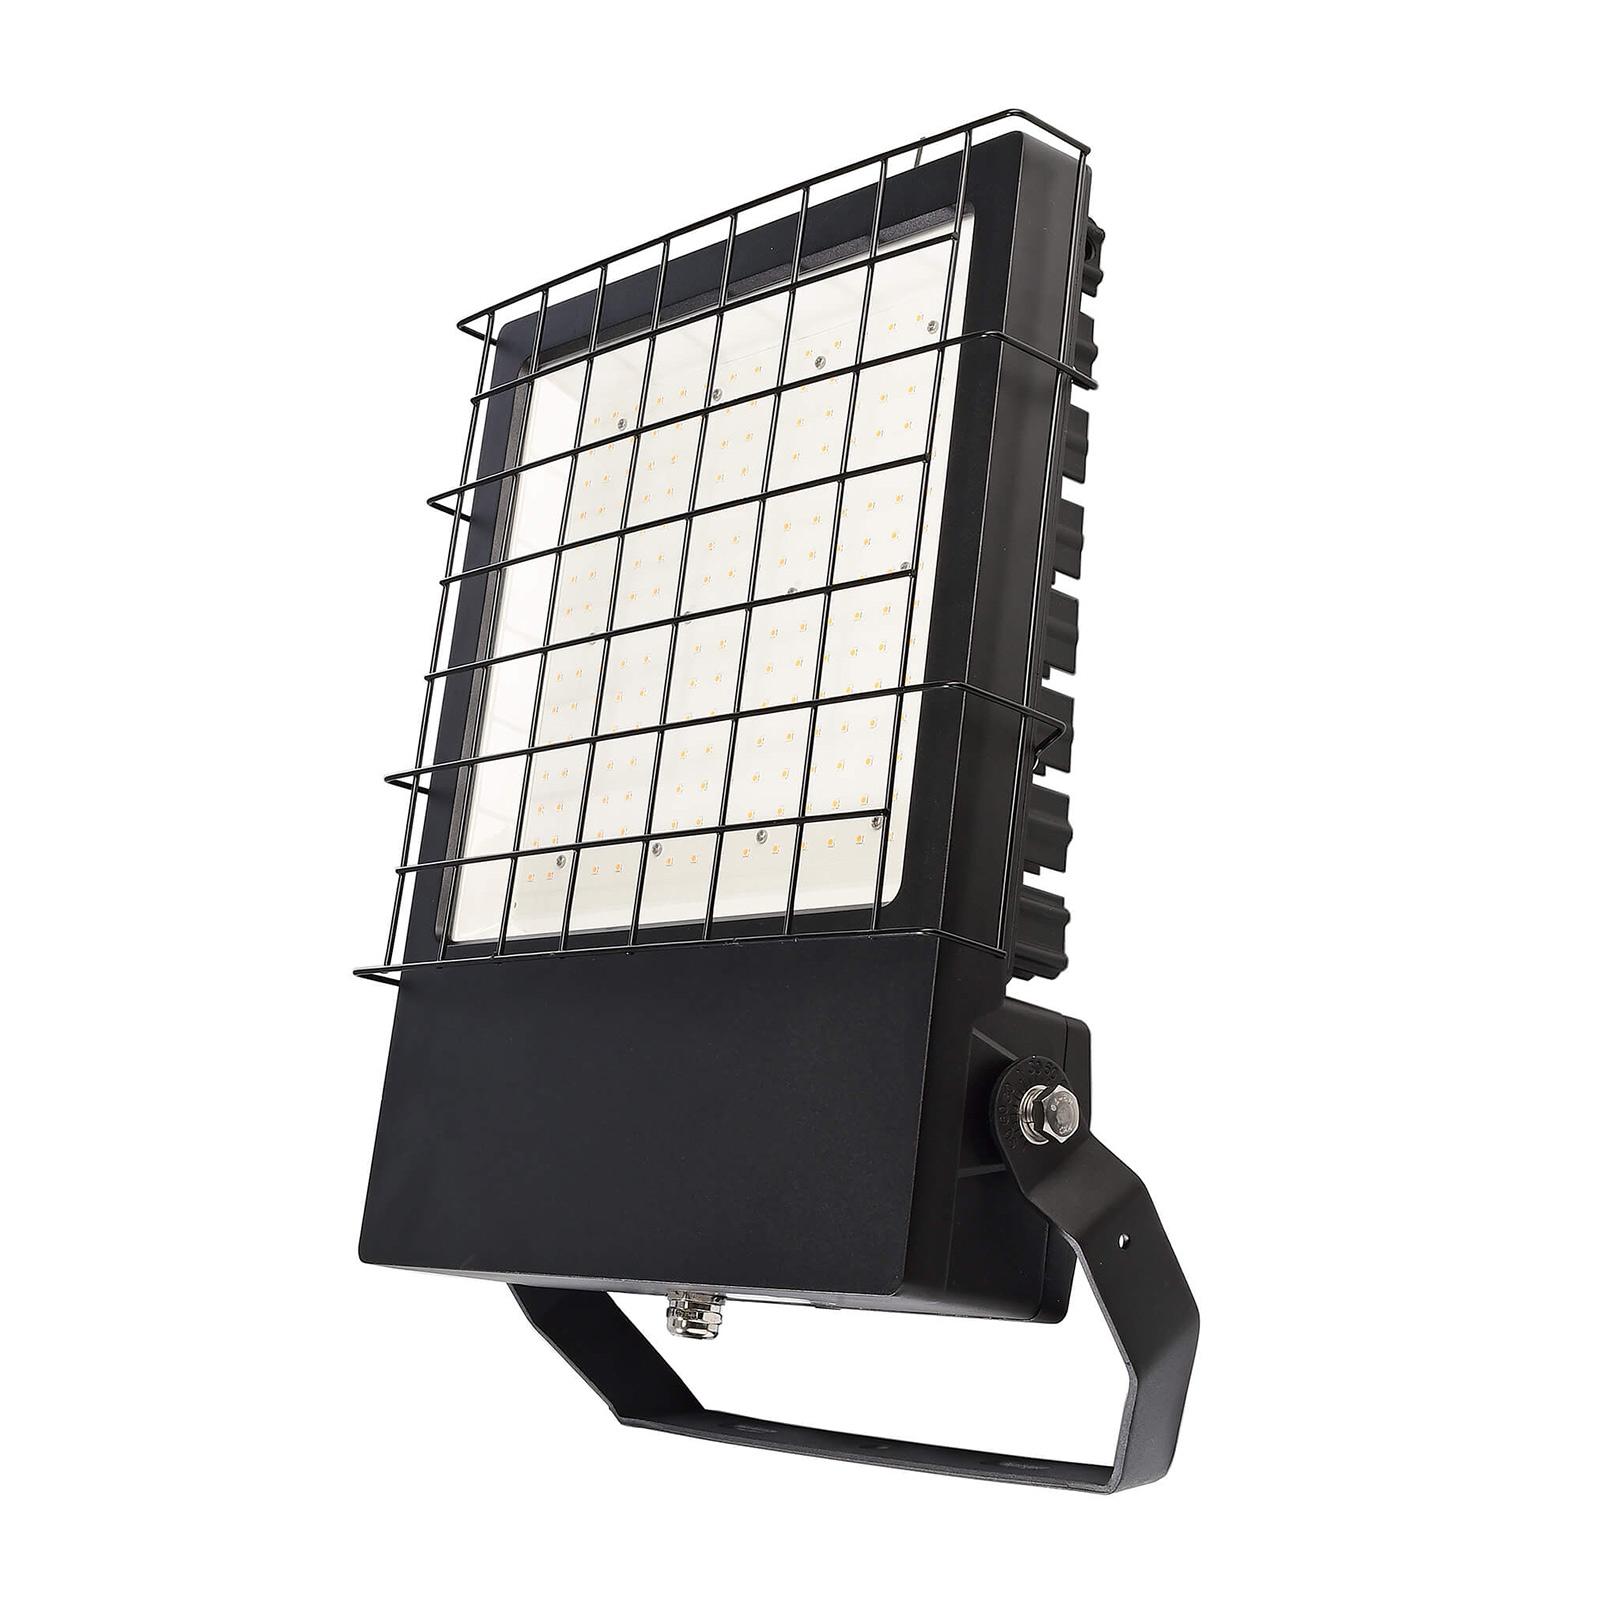 Schutzgitter für LED-Strahler Atik